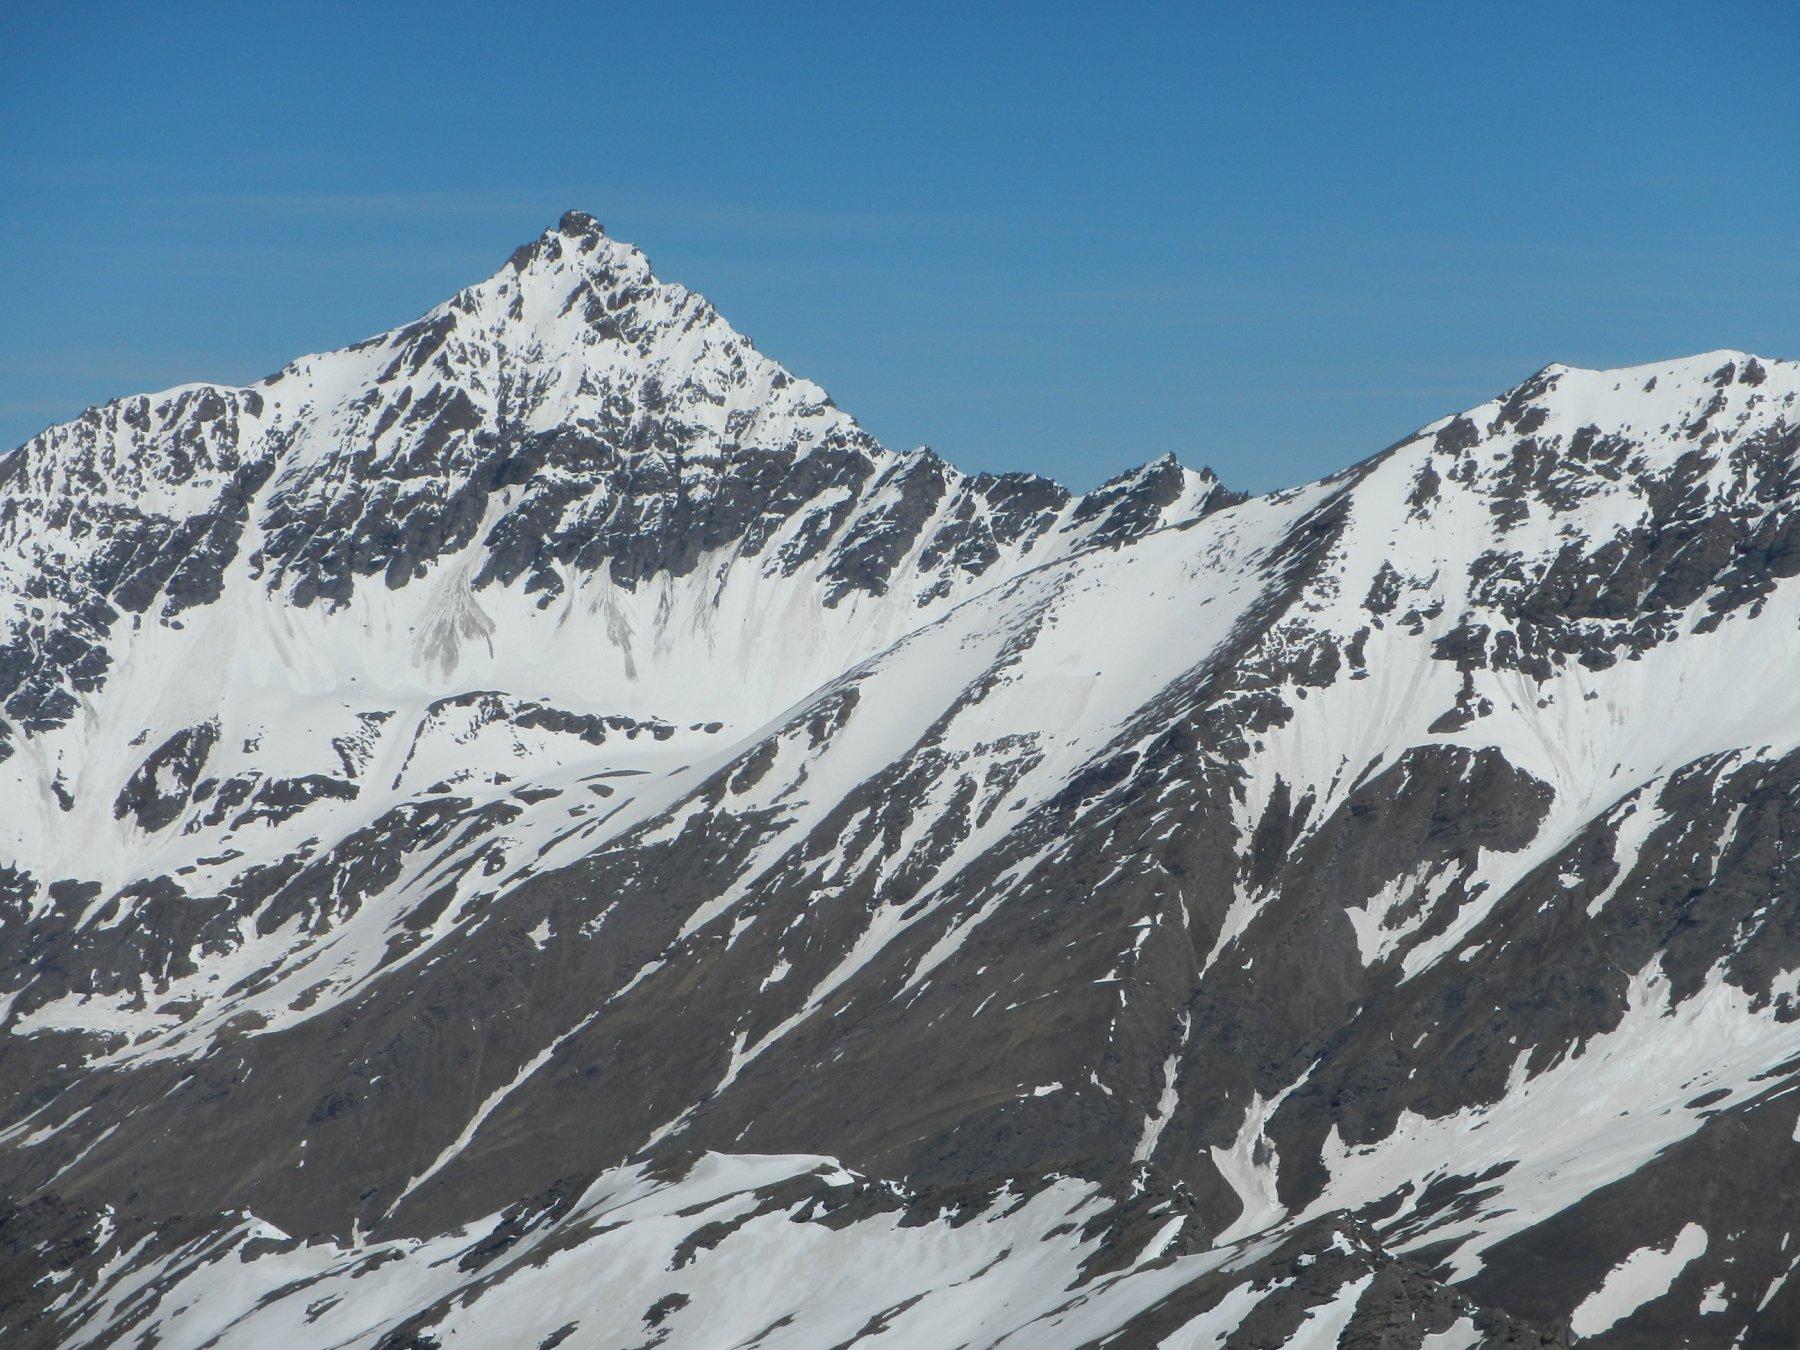 dalla cima: la Pierre Menue o Aiguille de Scolette